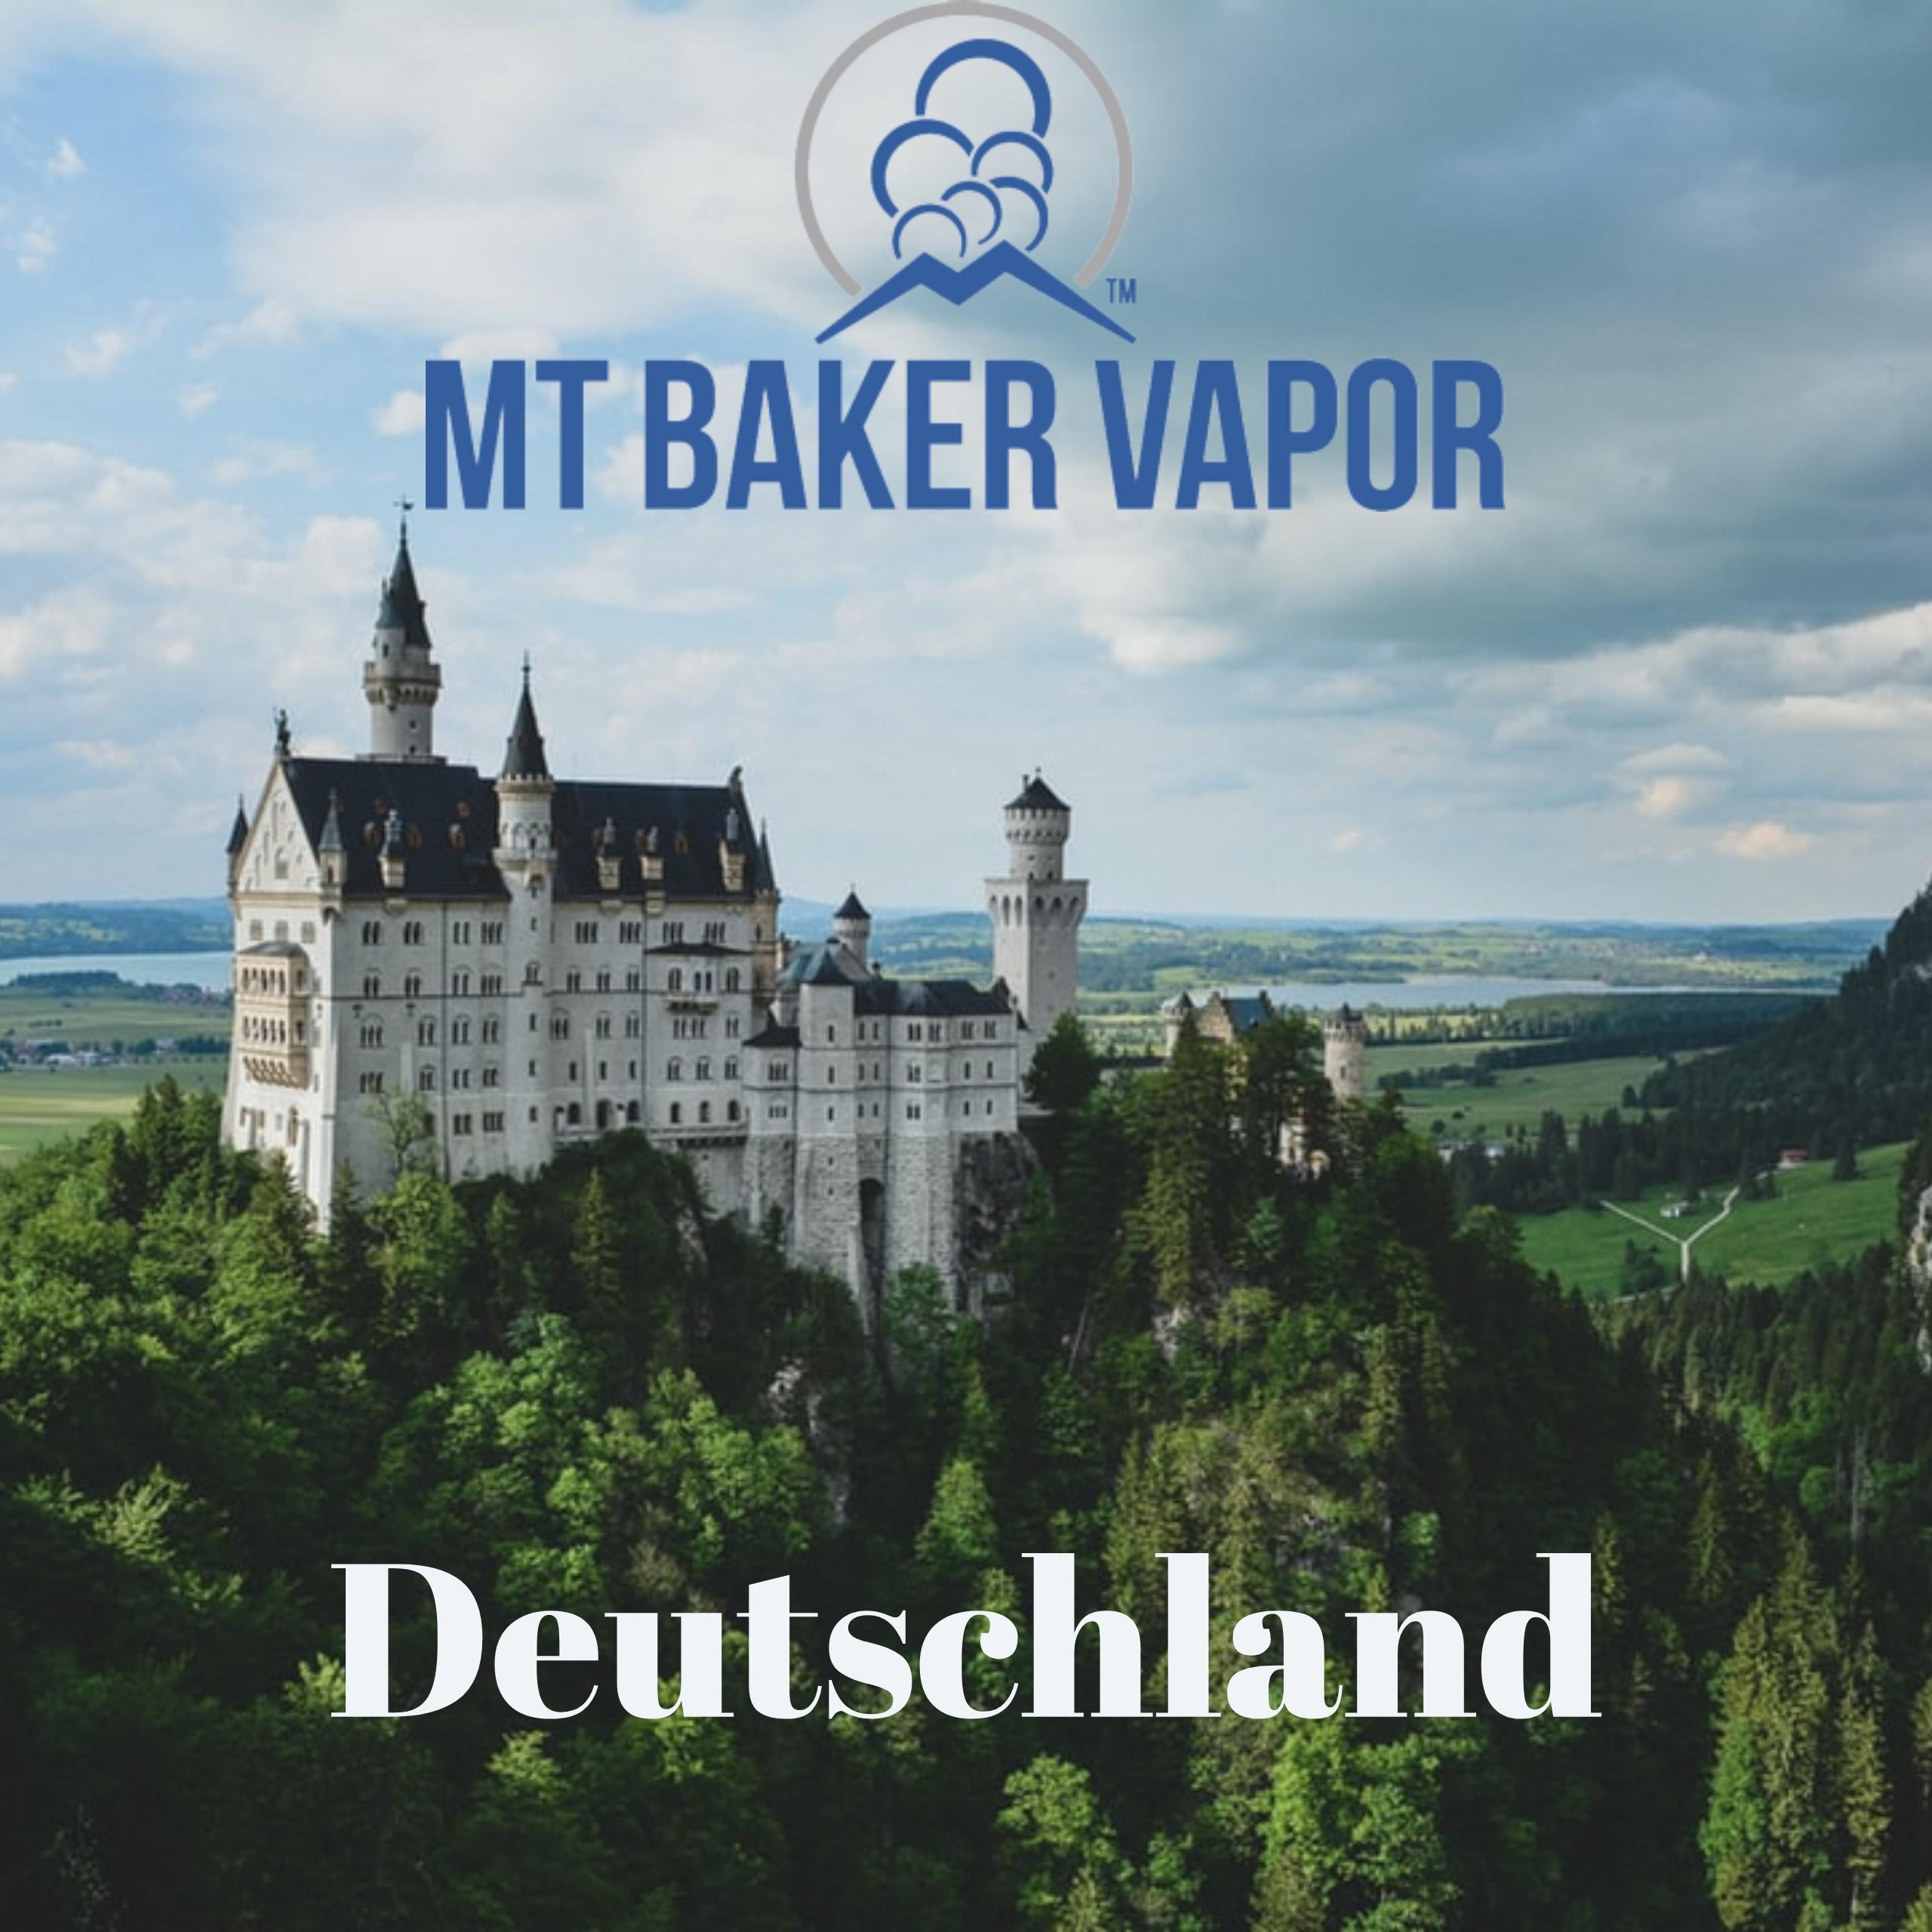 Mt Baker Vapor in Deutschland